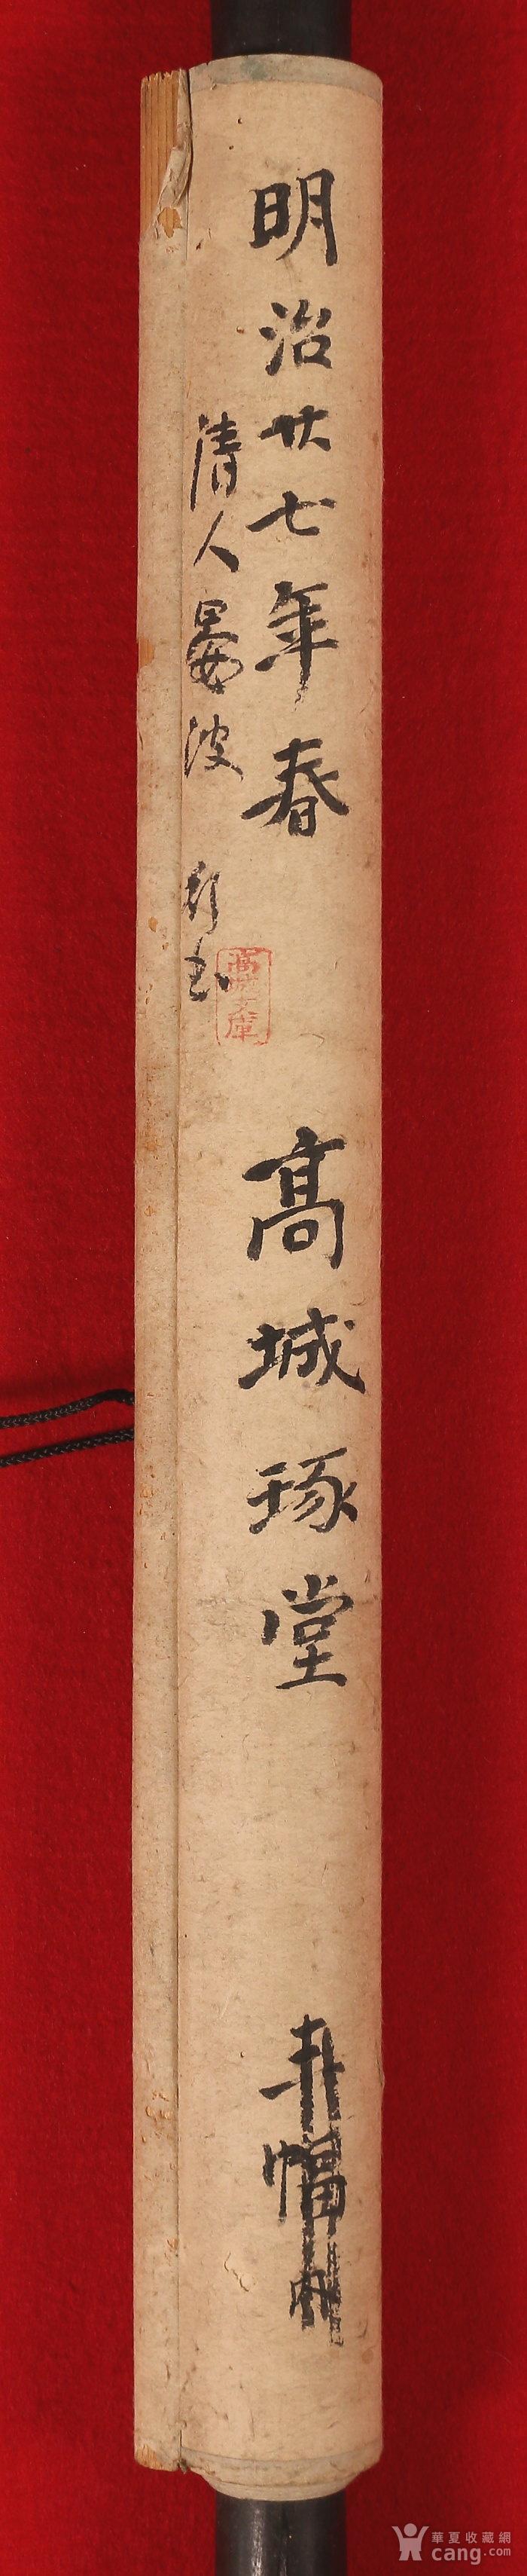 精品,晚清书家徐晏波,书法图6